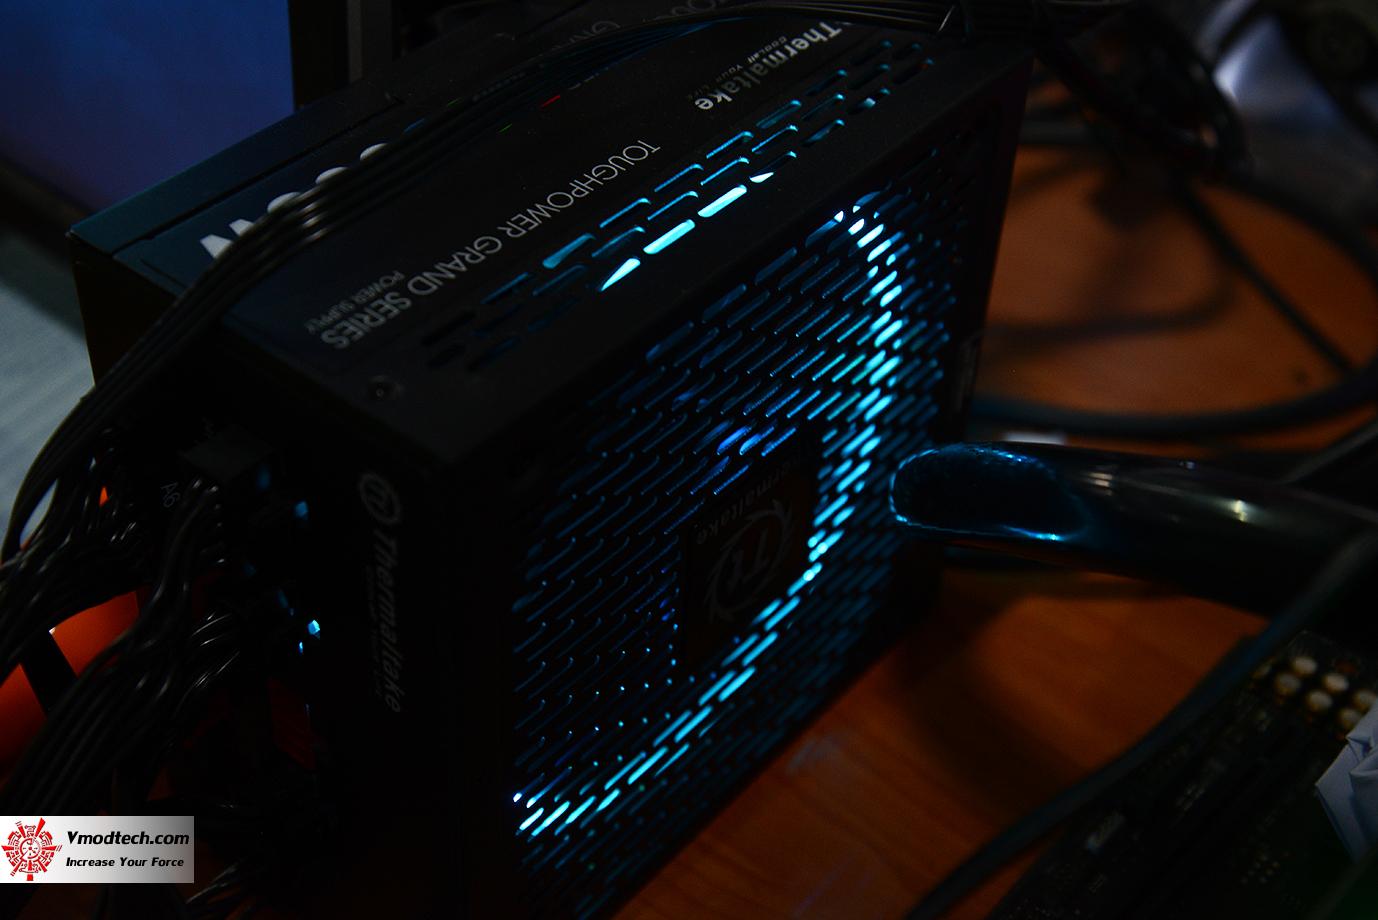 dsc 6169 Thermaltake Toughpower DPS G RGB 650W Gold Review